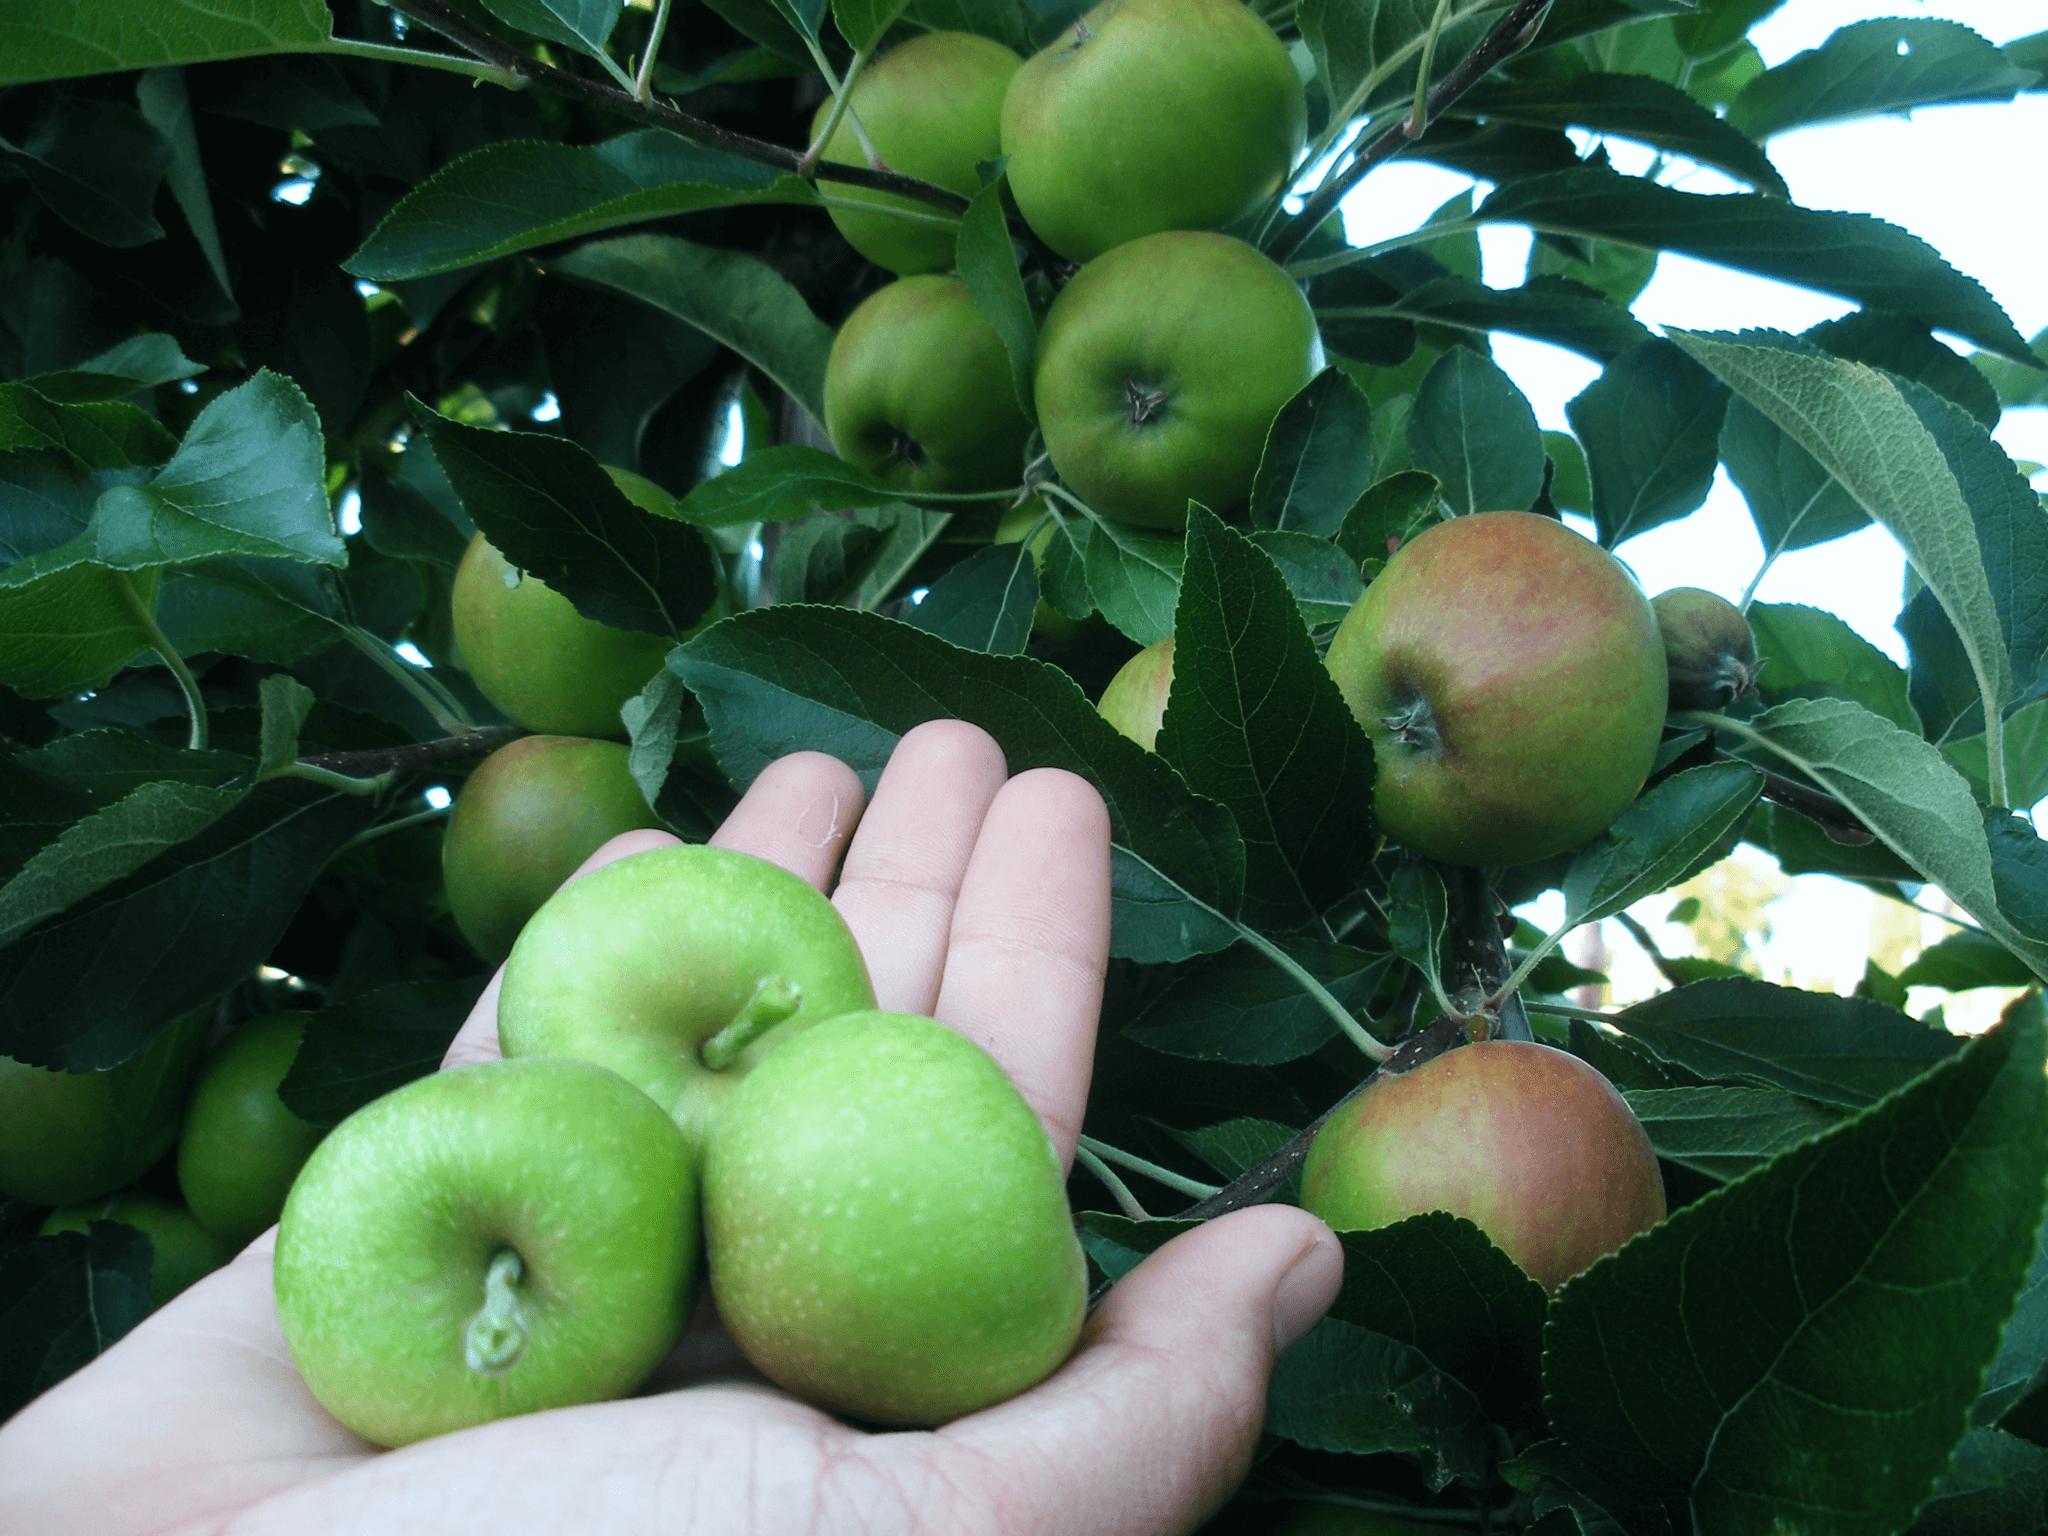 Fruitbedrijf Van den Berge_Zomer_dunnen appels